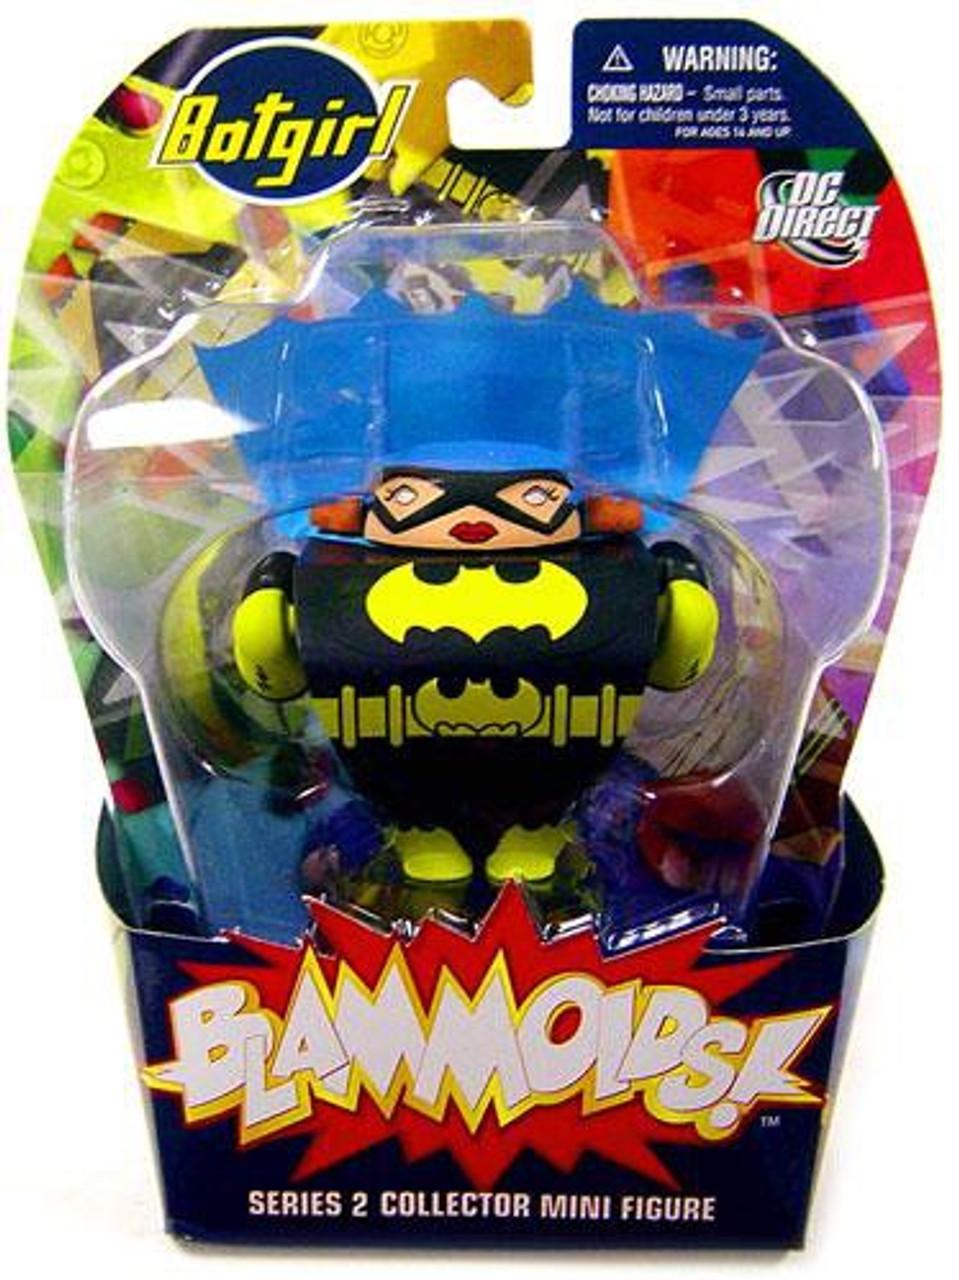 DC Blammoids Series 2 Batgirl Mini Figure